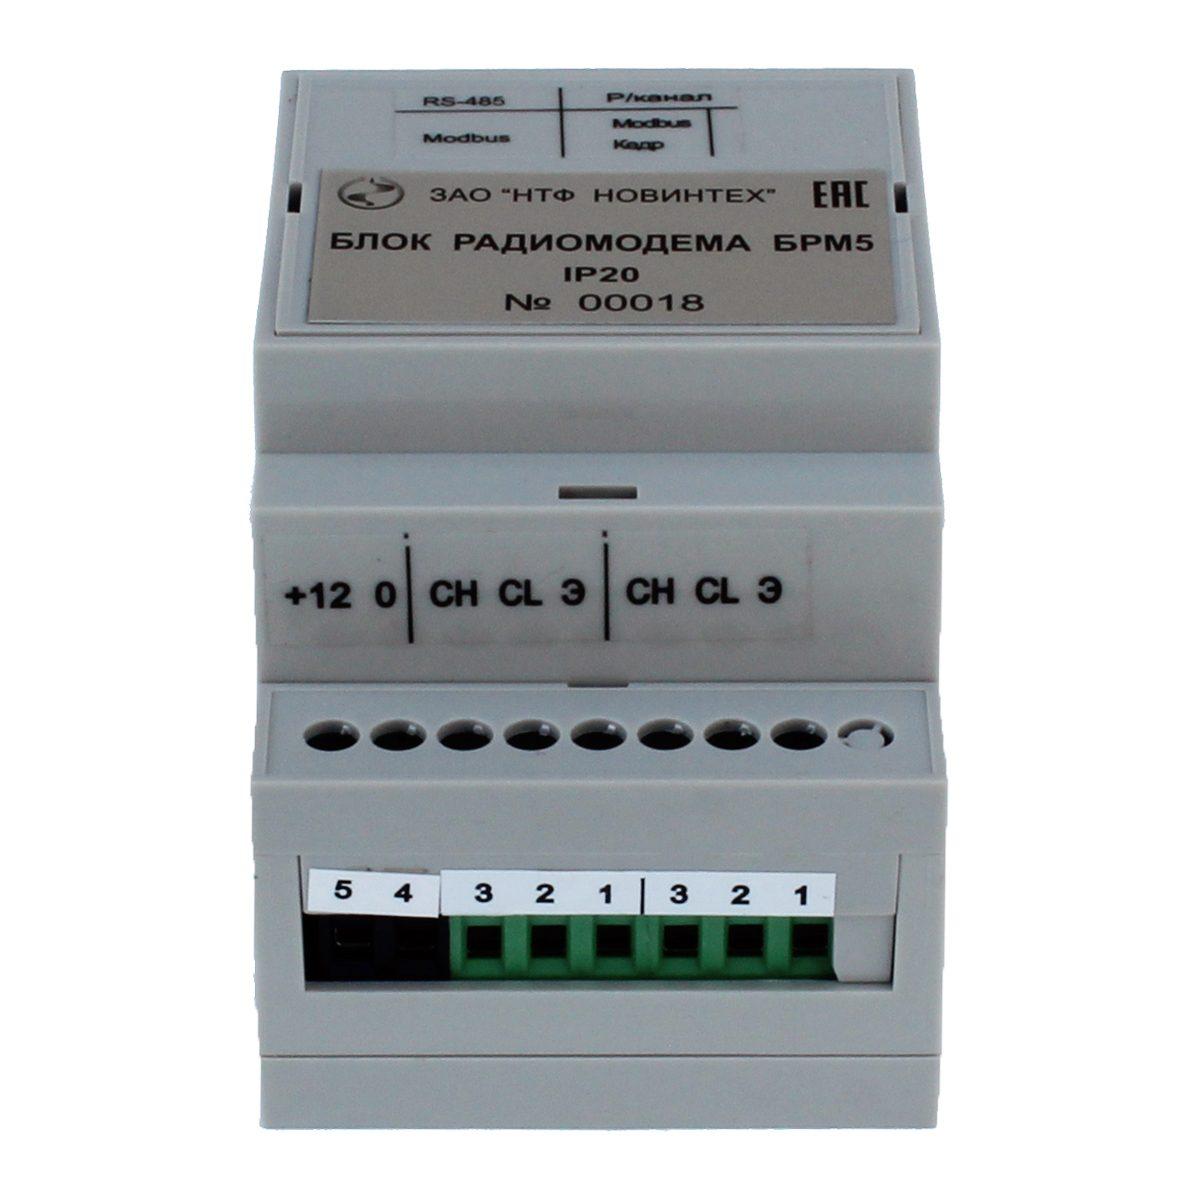 Блок радиомодема (БРМ5)